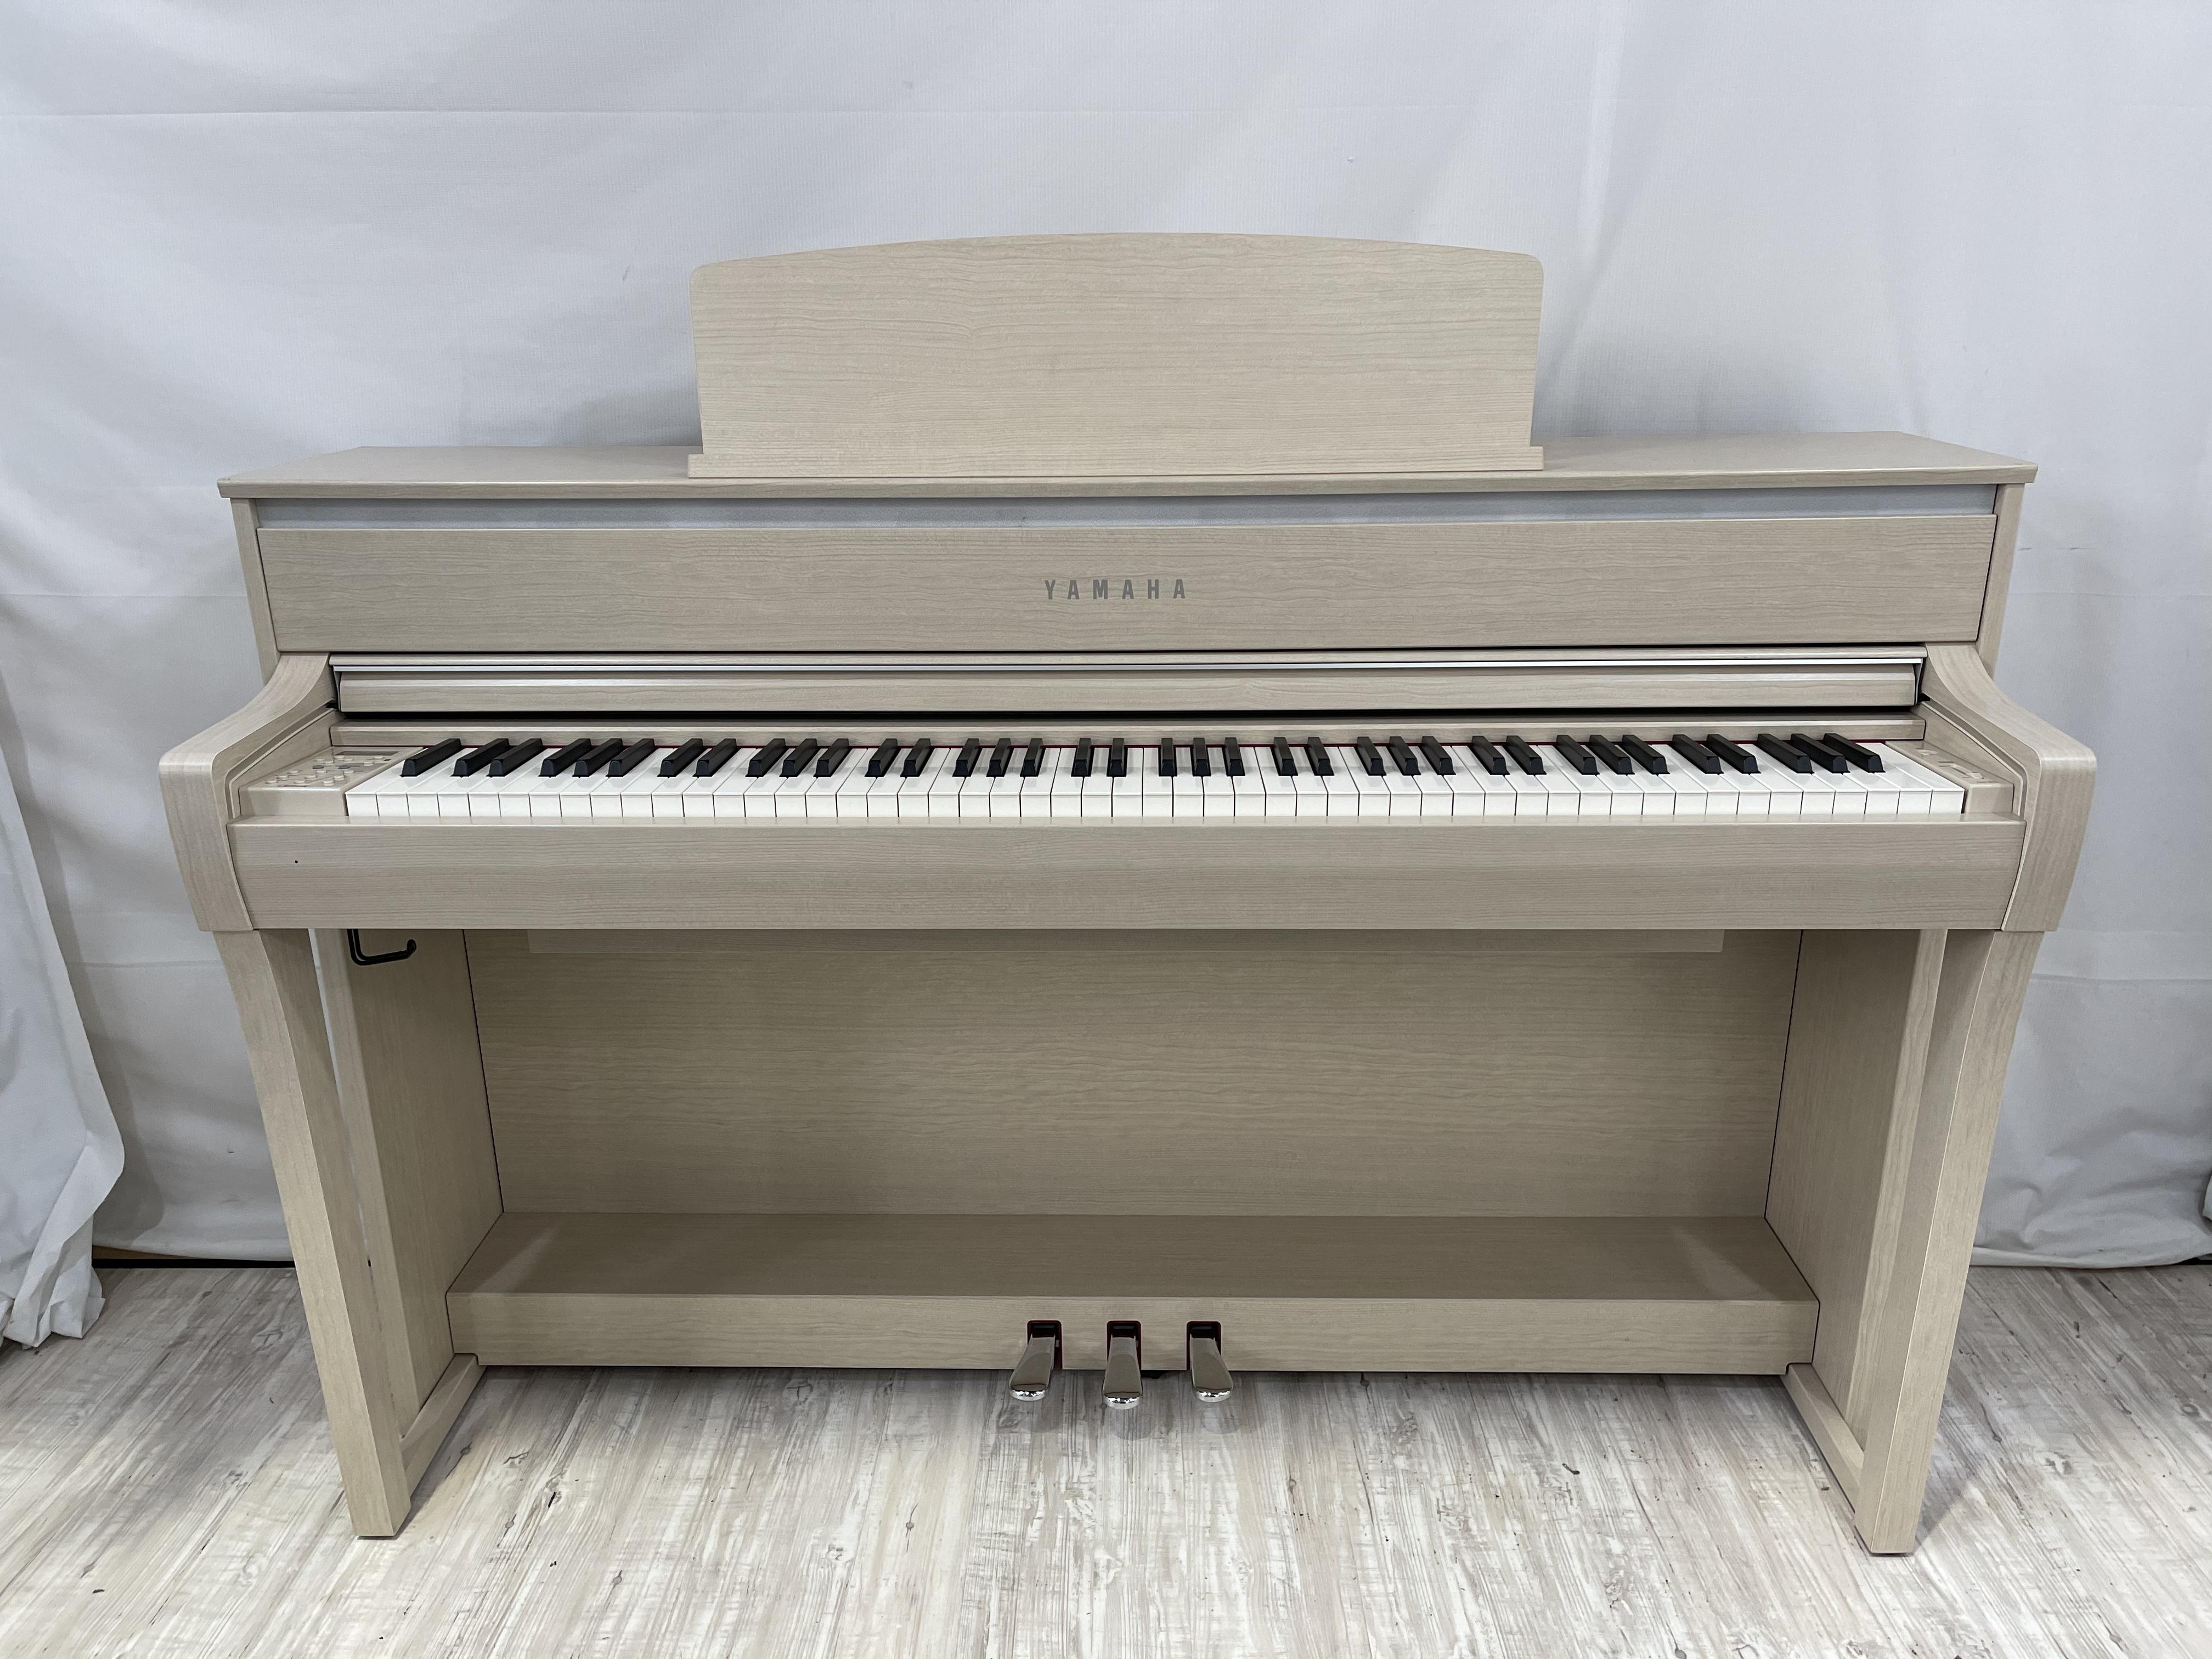 18193 [中古電子ピアノ] ヤマハ クラビノーバ  CLP675WA 2017年製